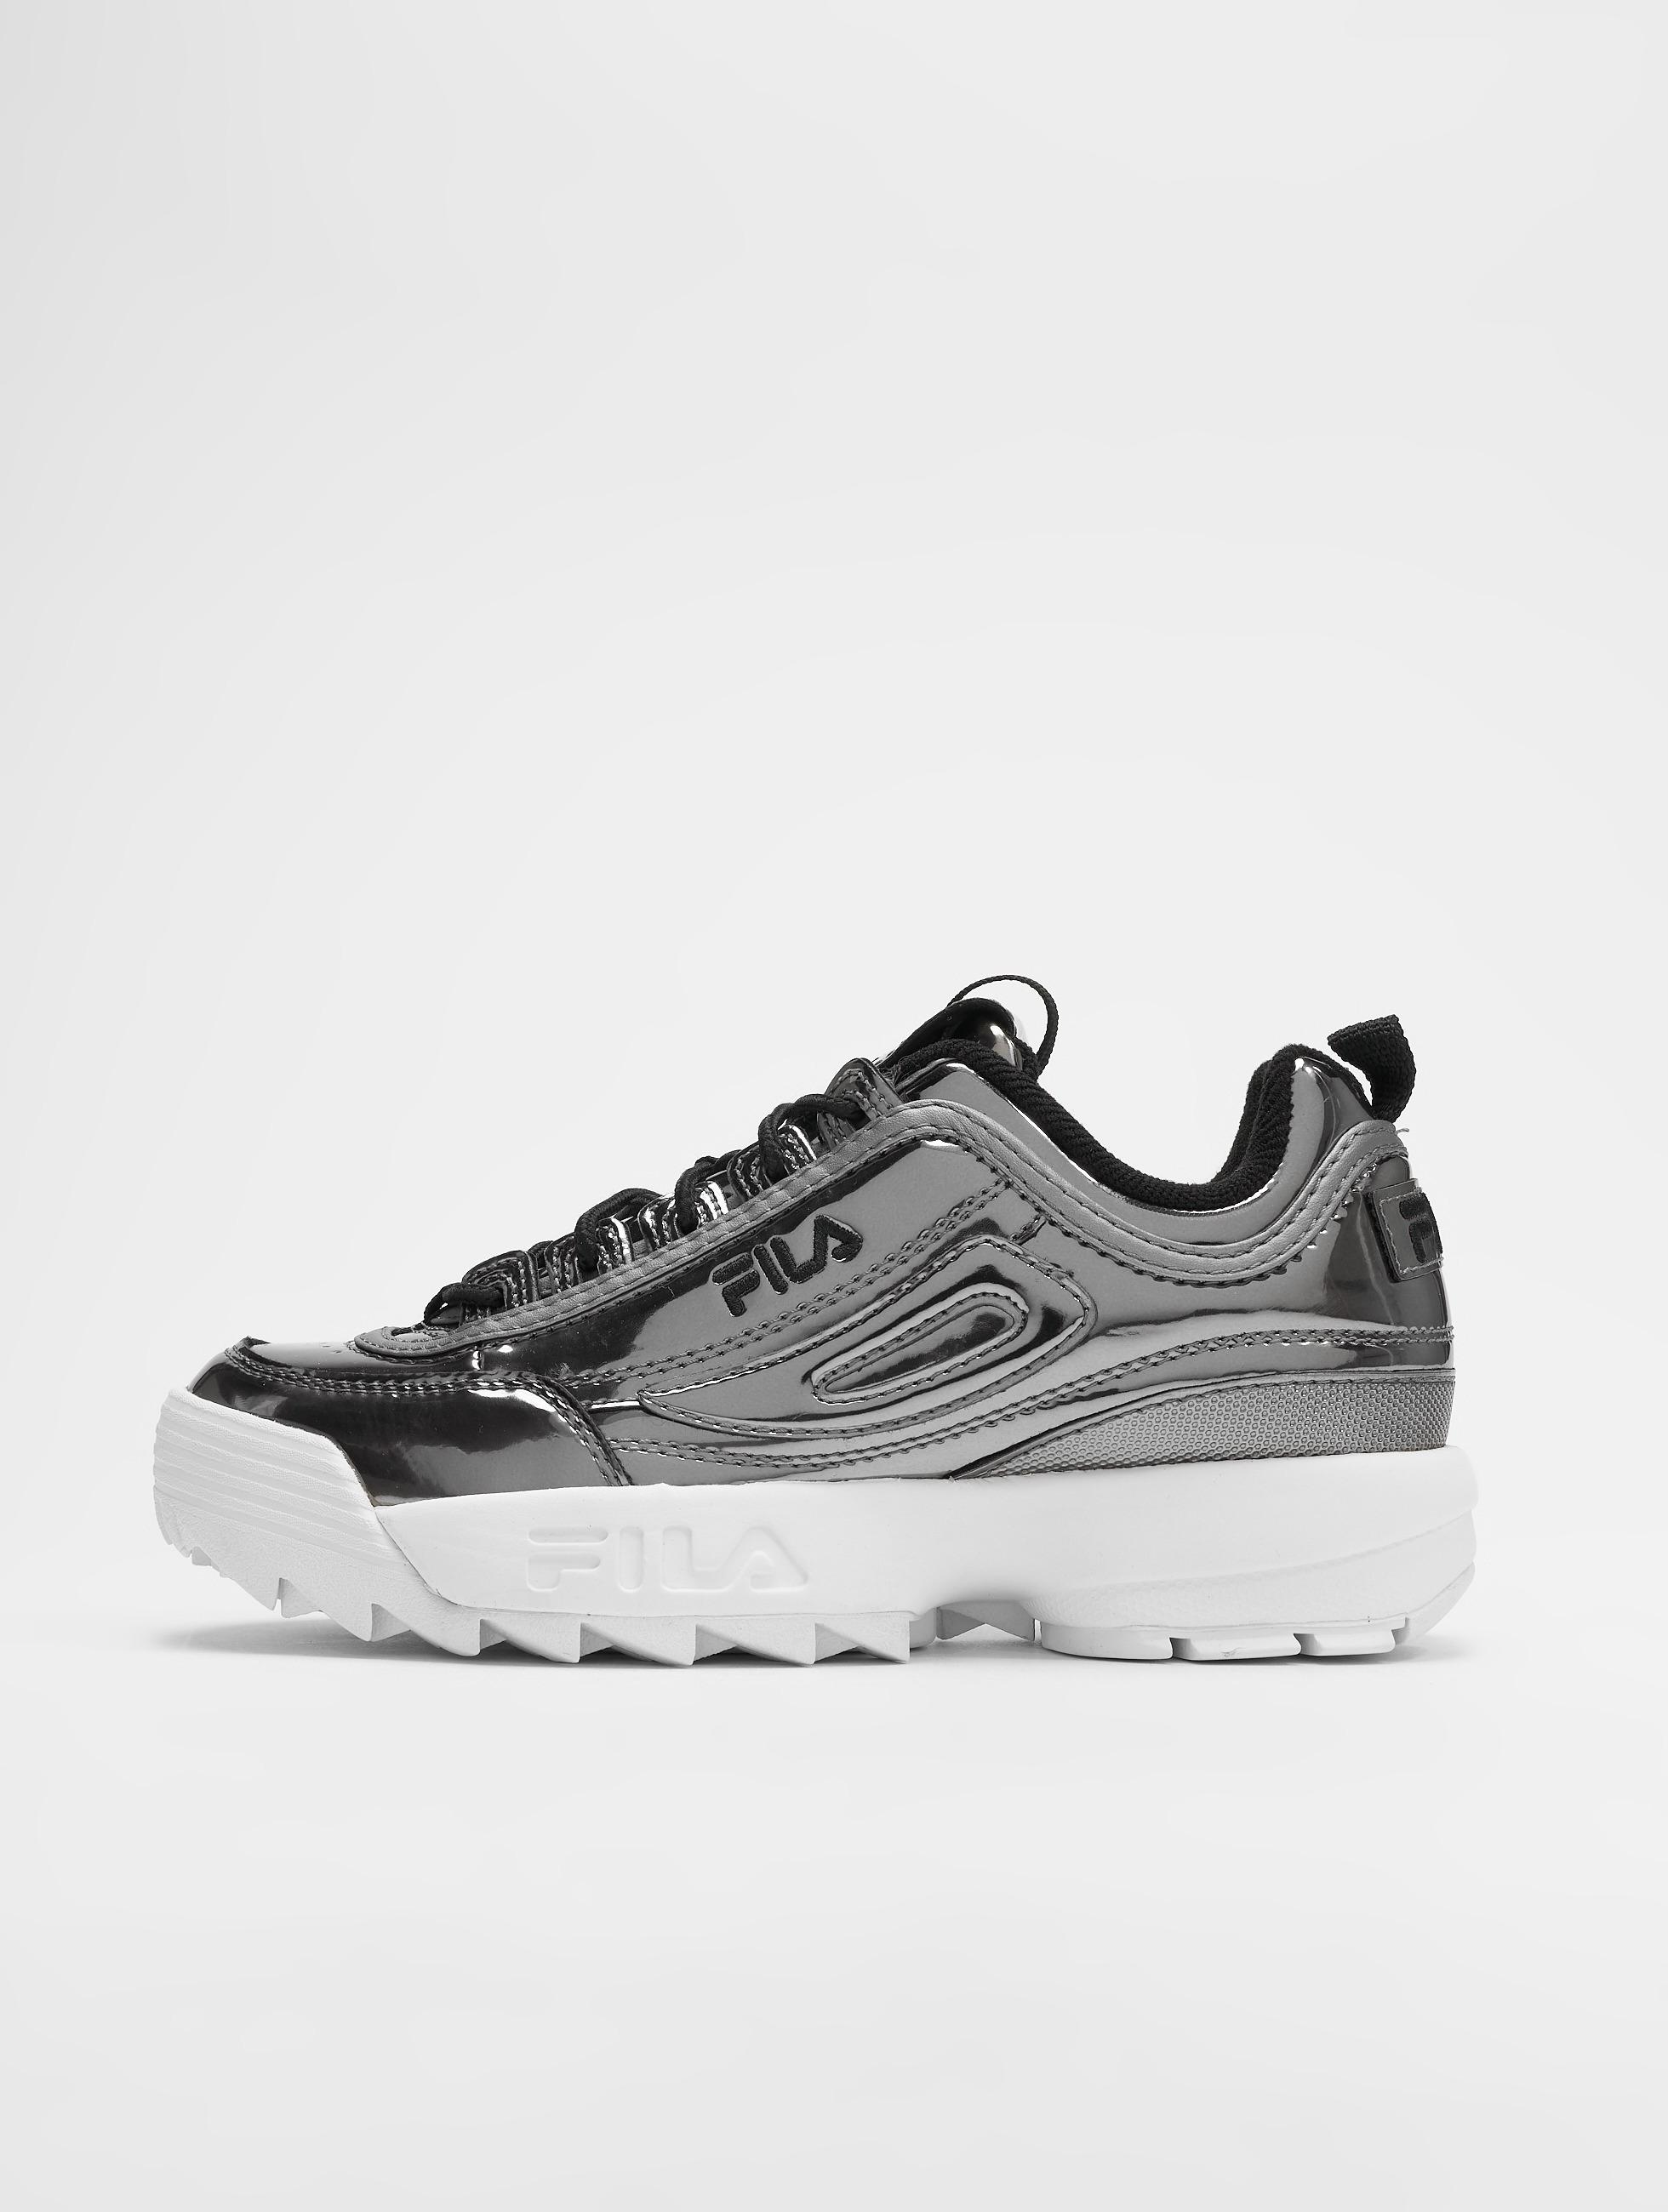 124b9f68f4f FILA schoen / sneaker Disruptor Low in grijs 509471